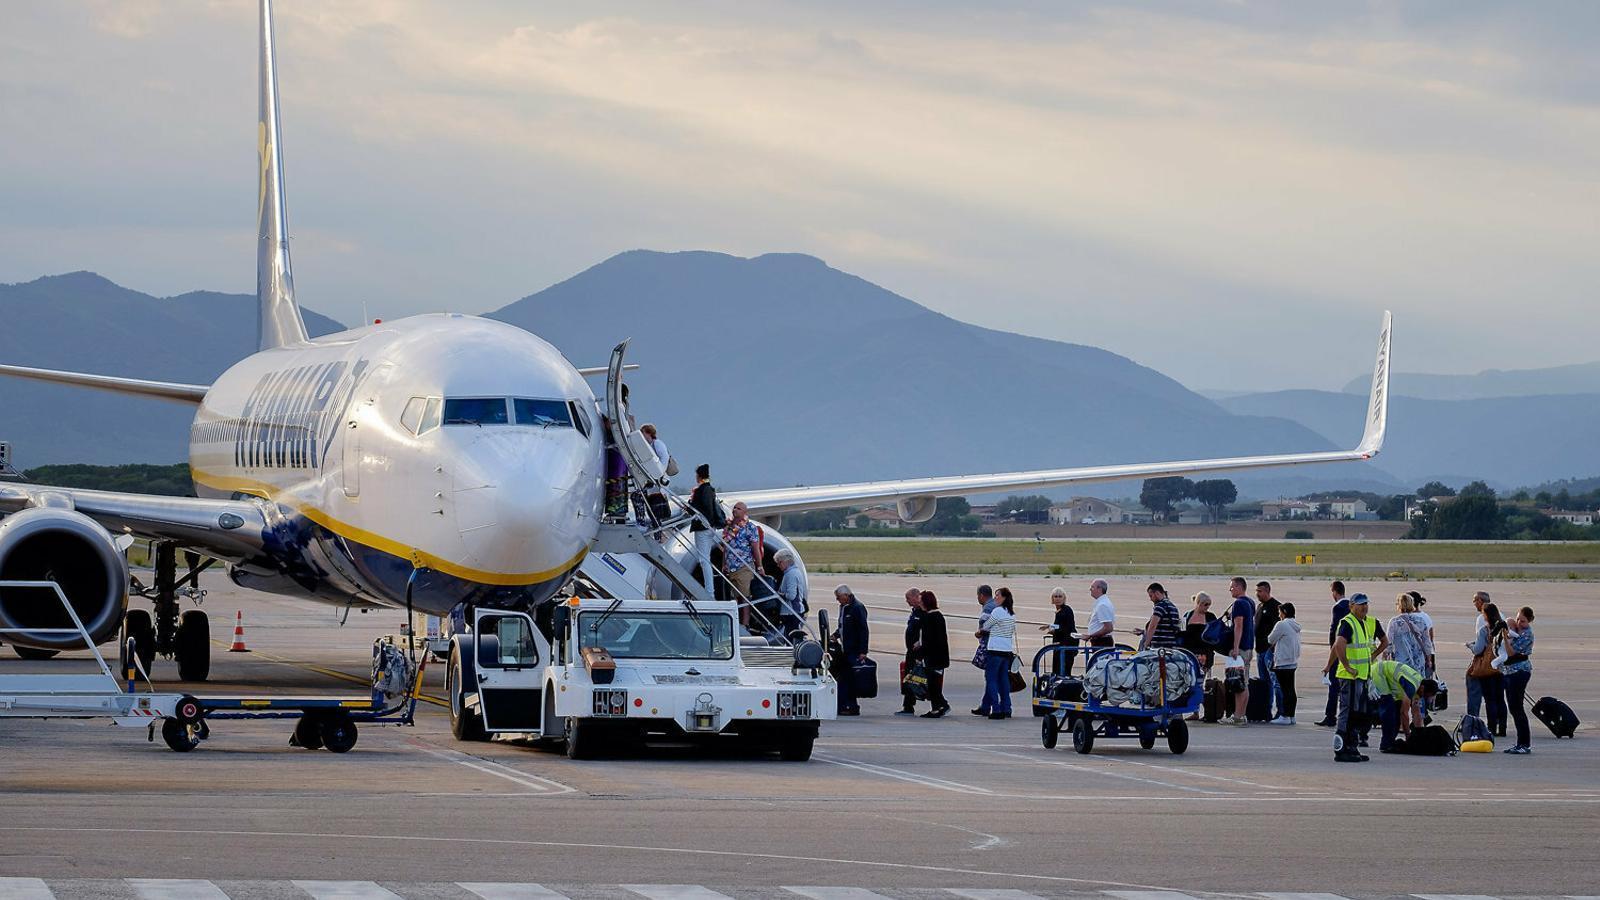 Un avió a l'aeroport de Son Sant Joan de Palma. / DAVID BORRAT